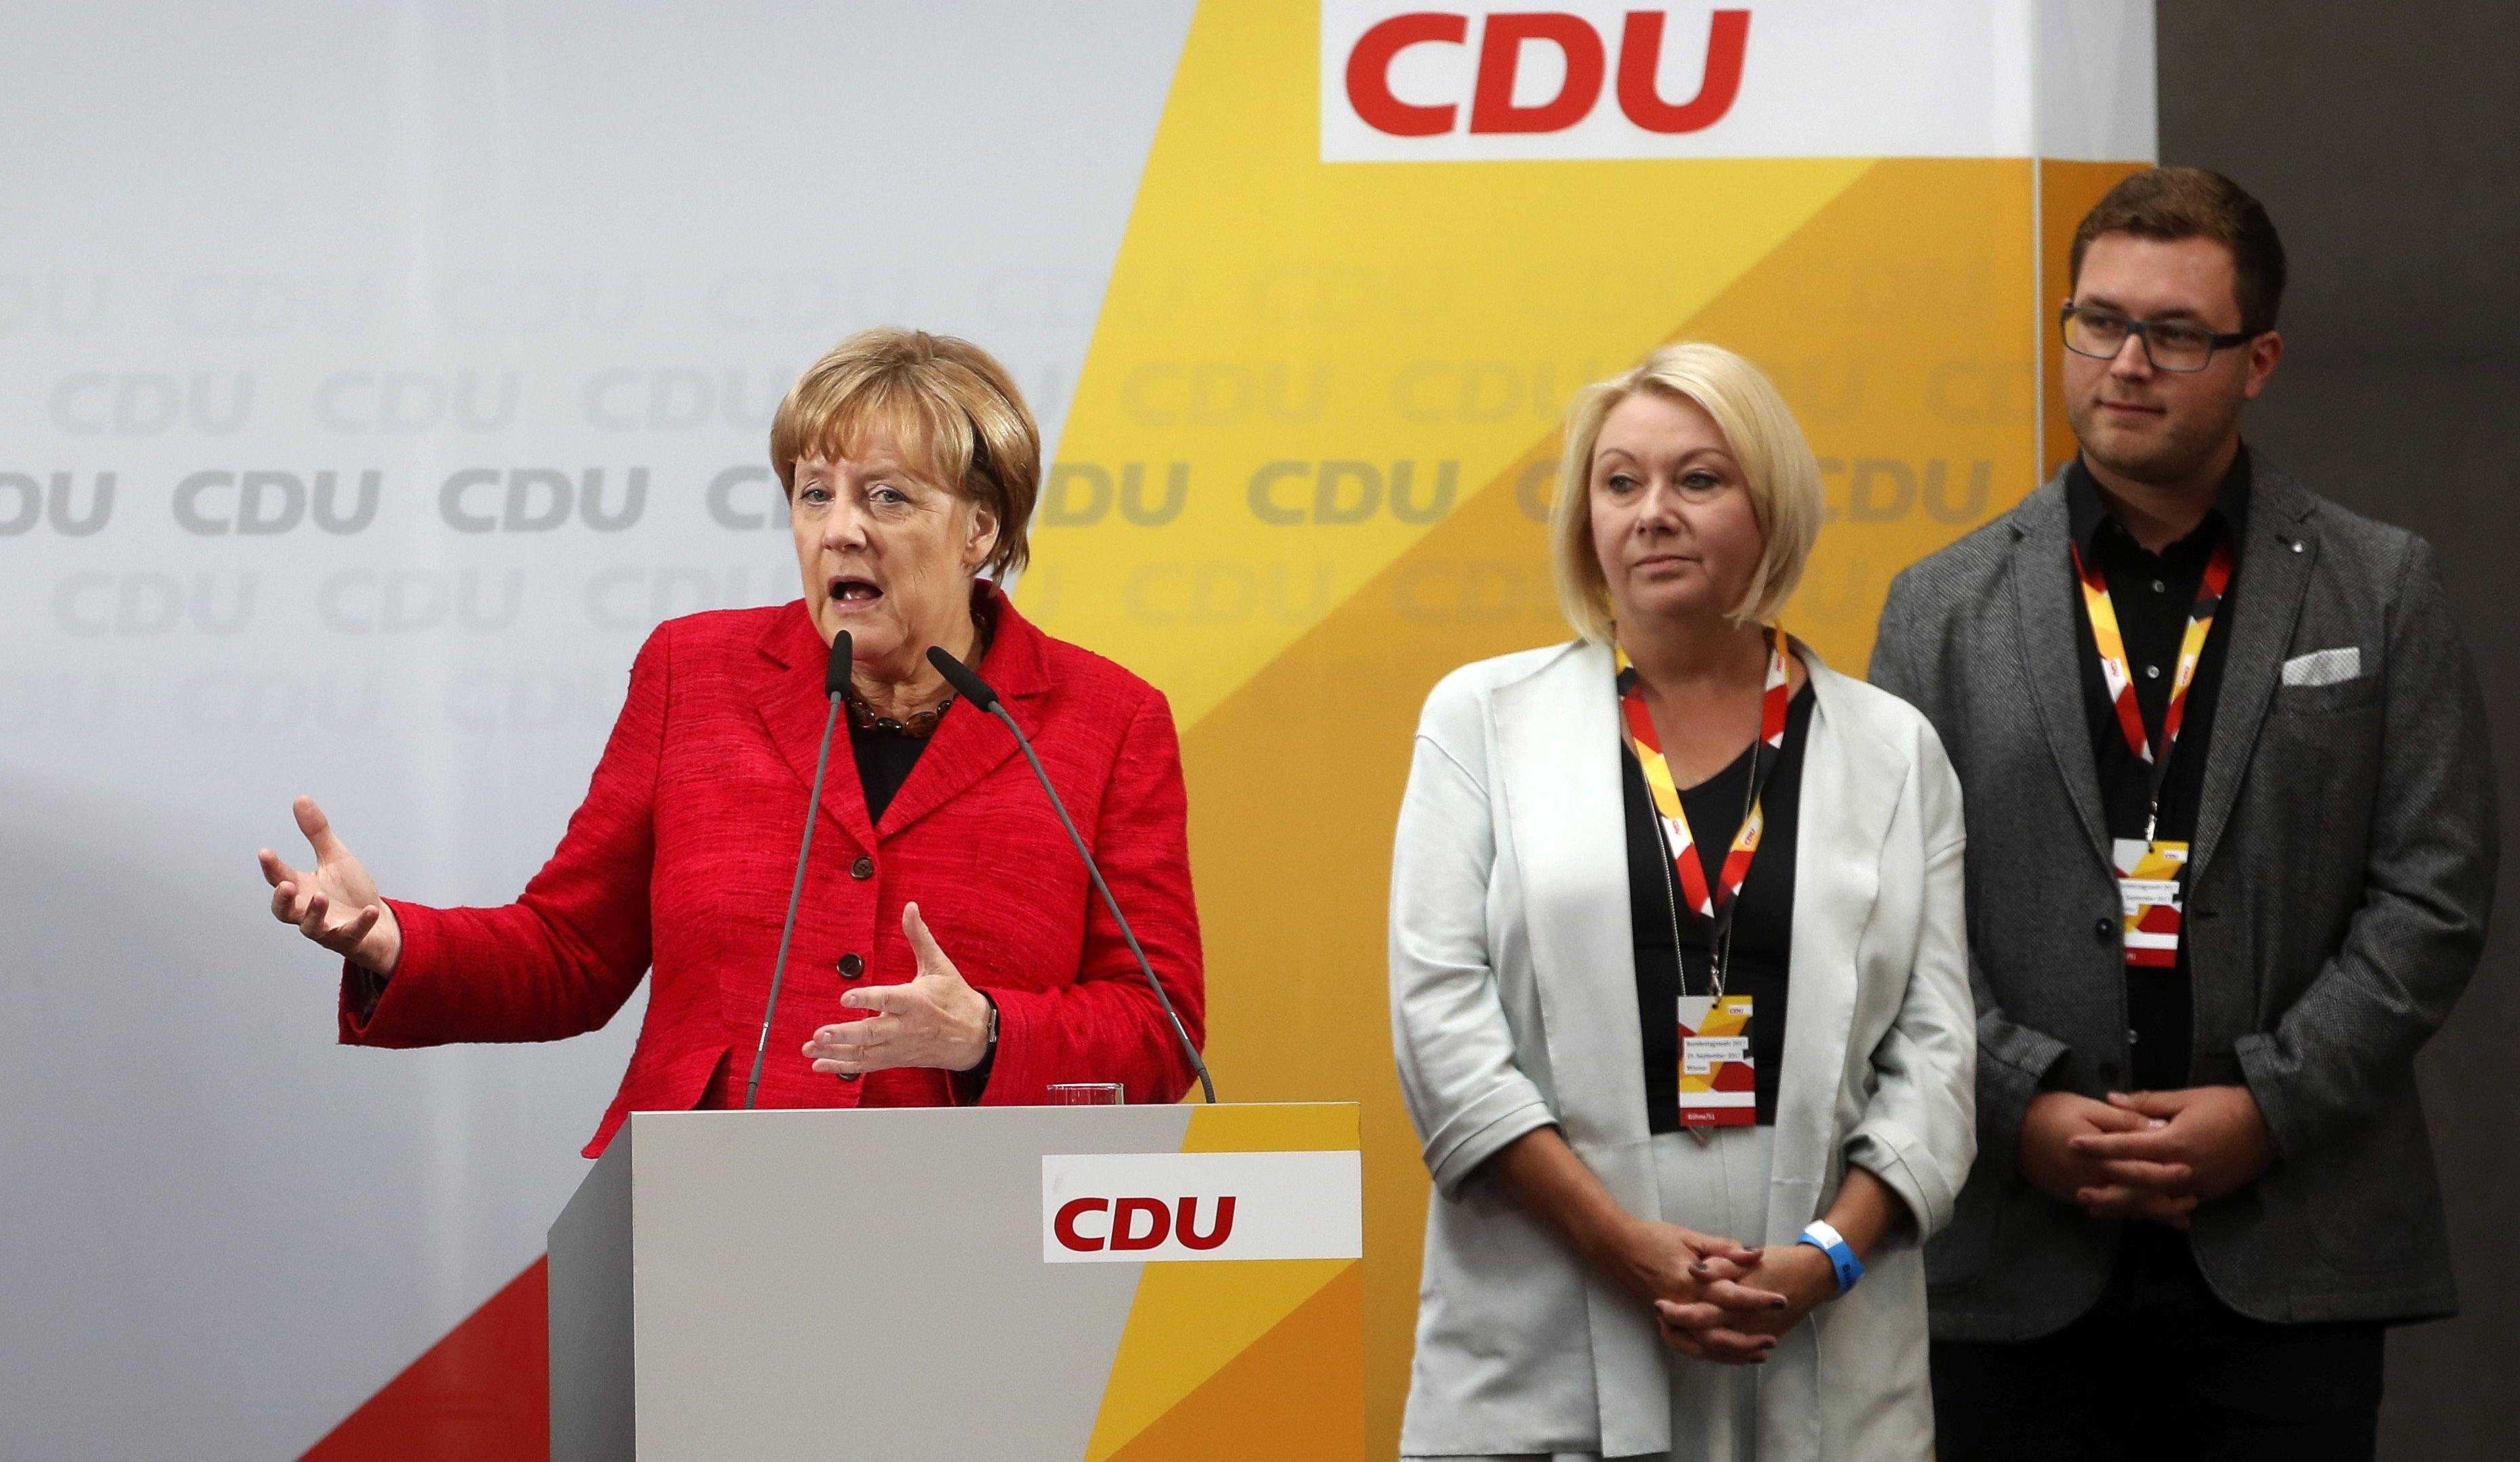 Konzervativci Angele Merkel vode pred nedjeljne izbore, krajnja desnica napreduje